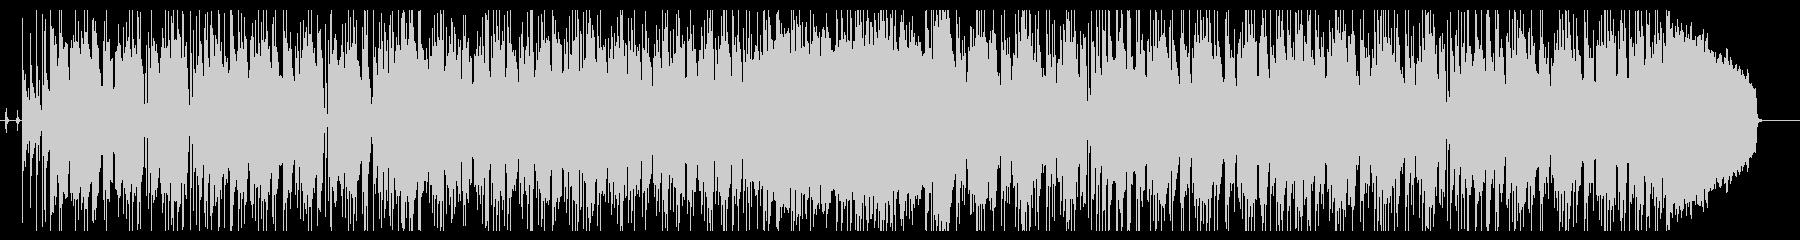 テンション感のあるベースラインのインストの未再生の波形